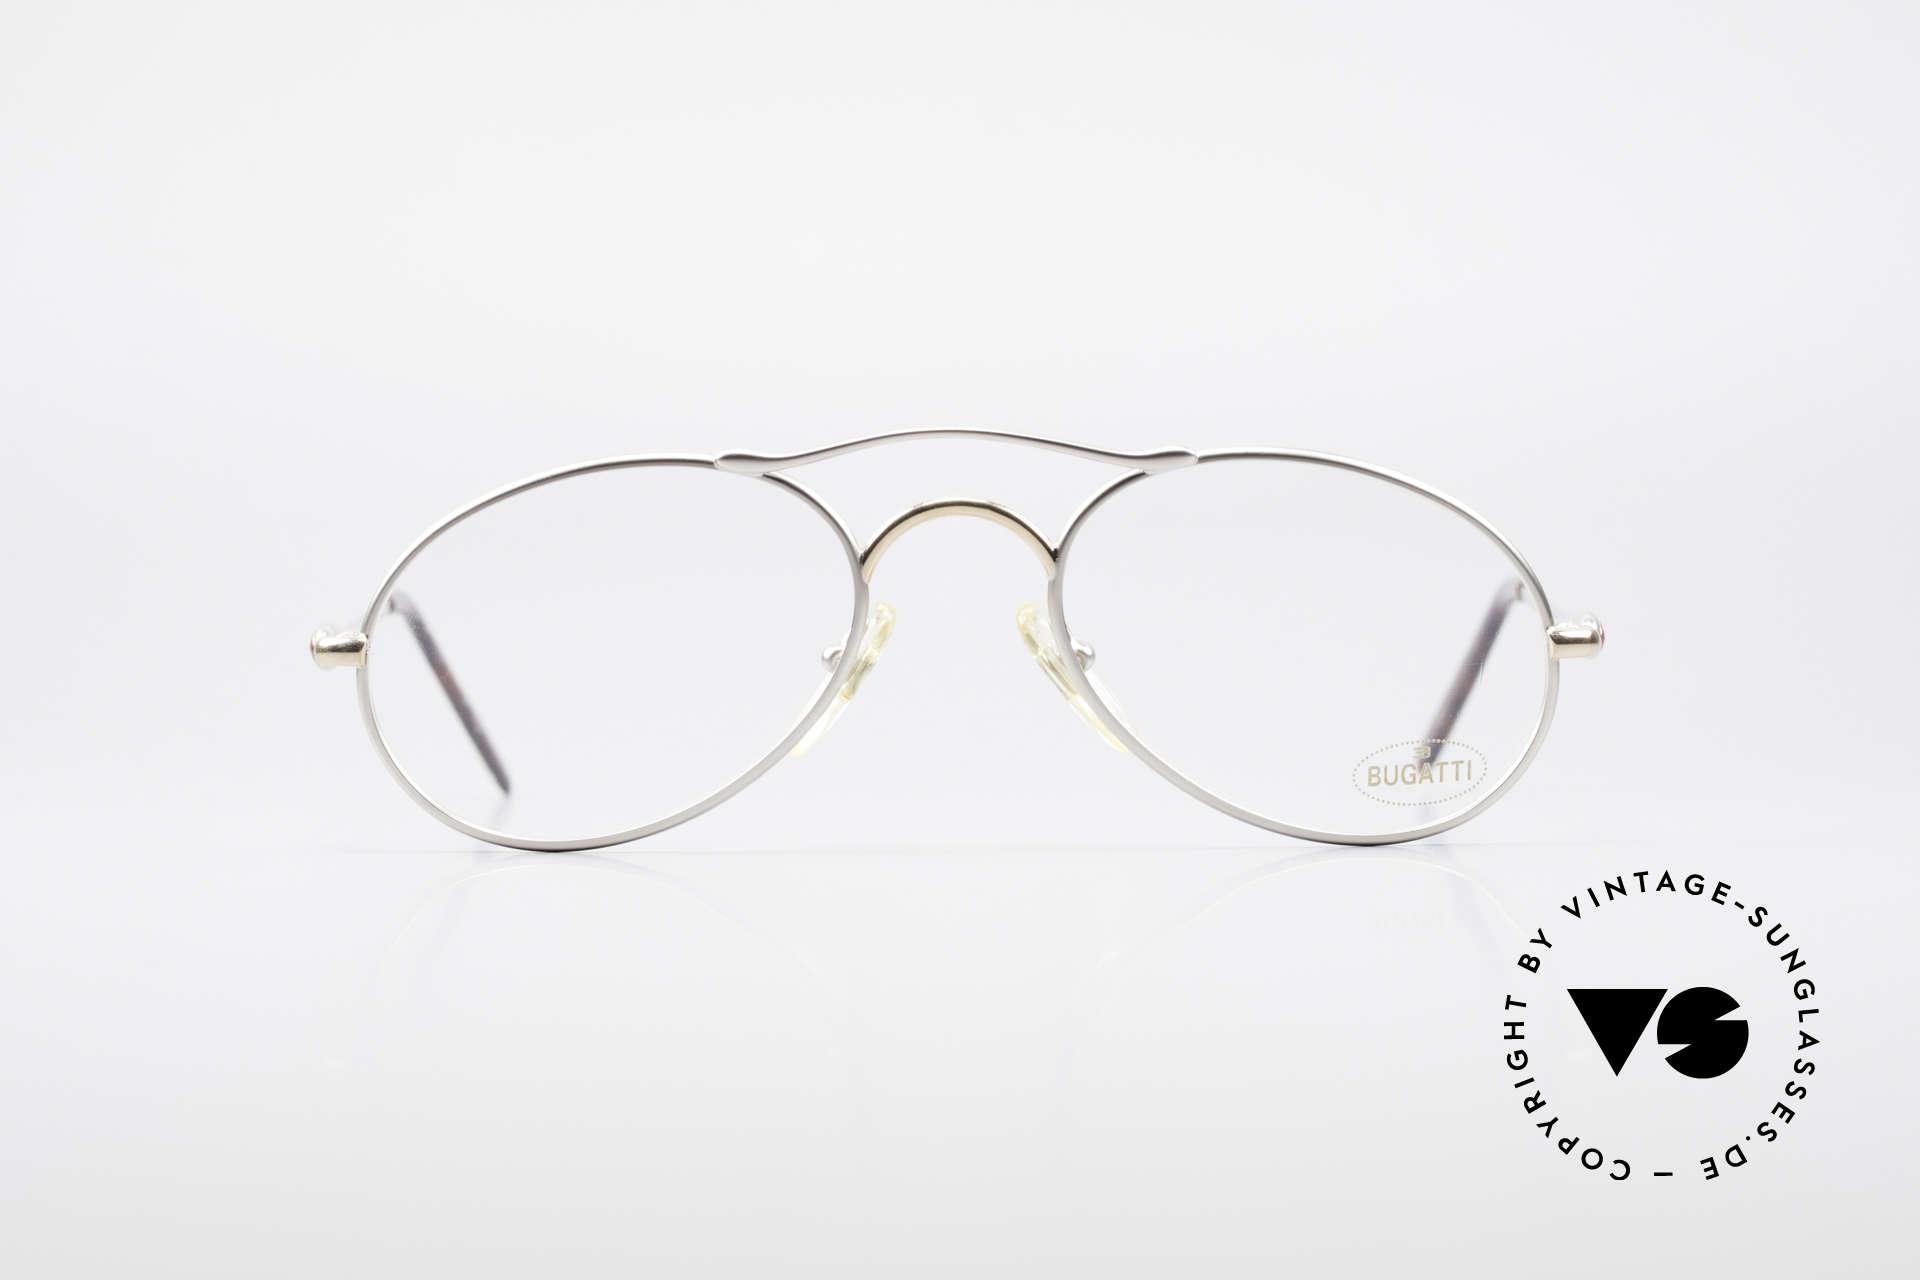 Bugatti 23439 Vintage Brille Mit Sonnenclip, ca. Mitte der 1990er in Frankreich produziert, Passend für Herren